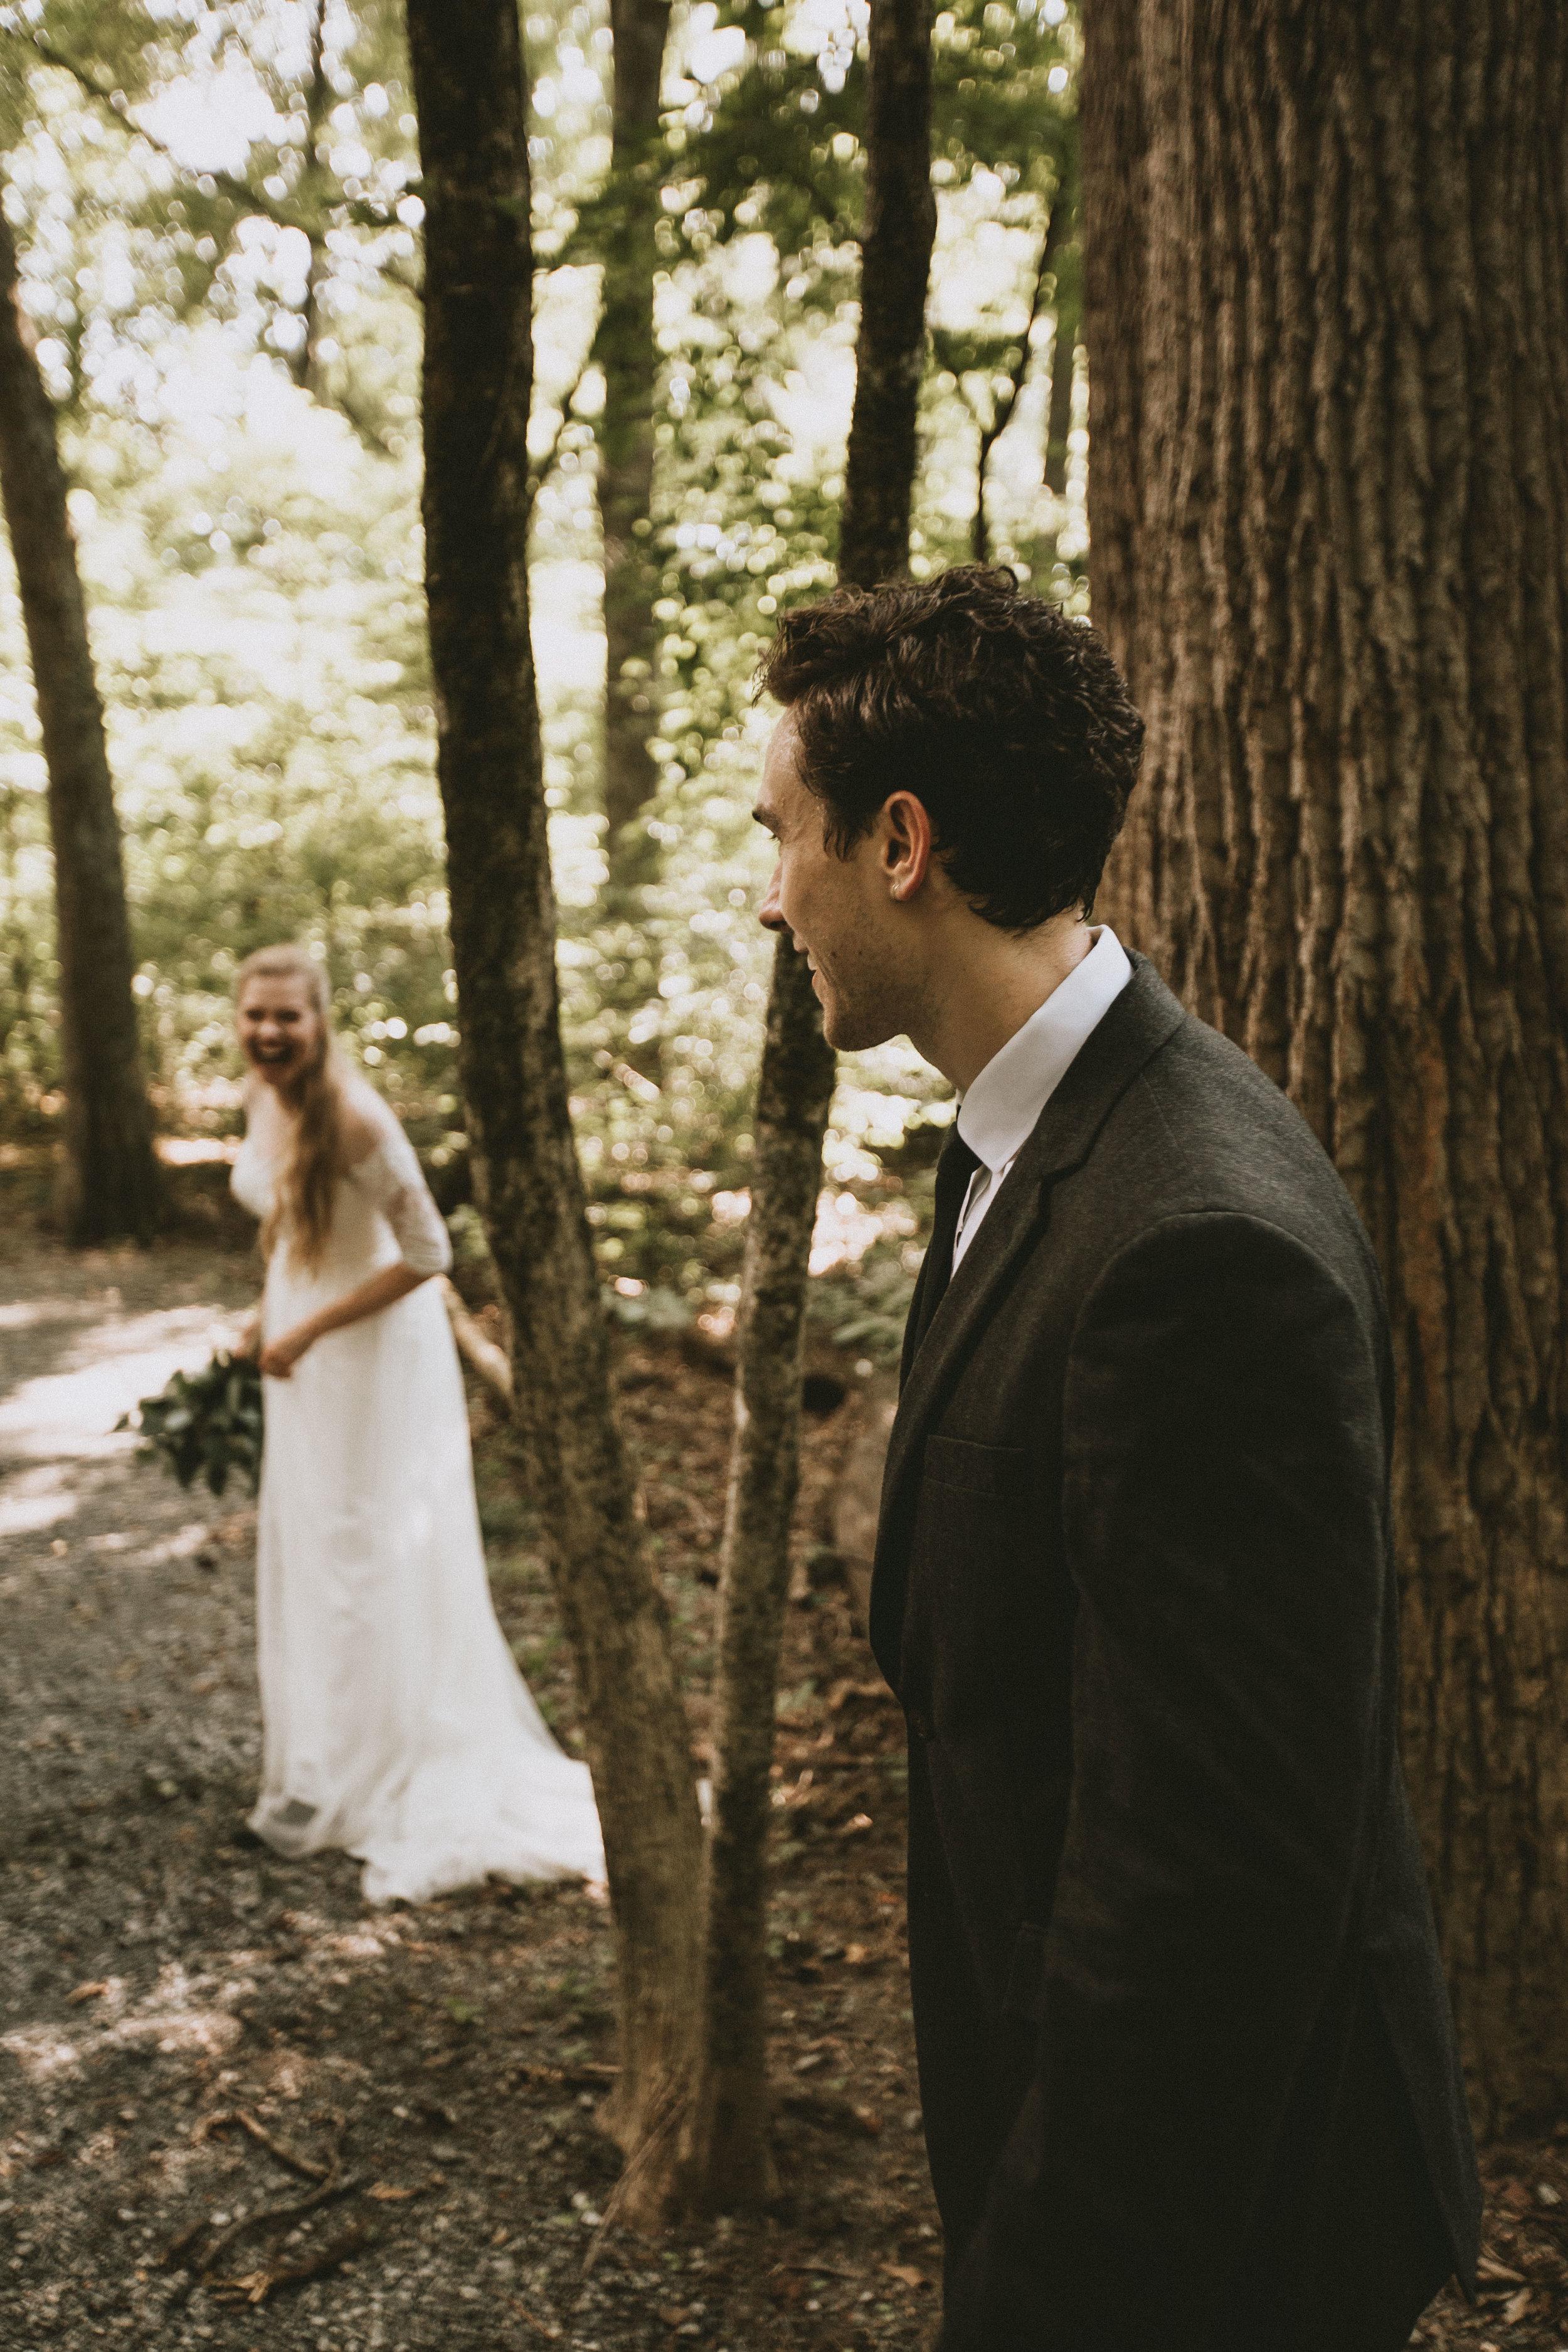 samlandreth-atlanta-wedding-655.jpg